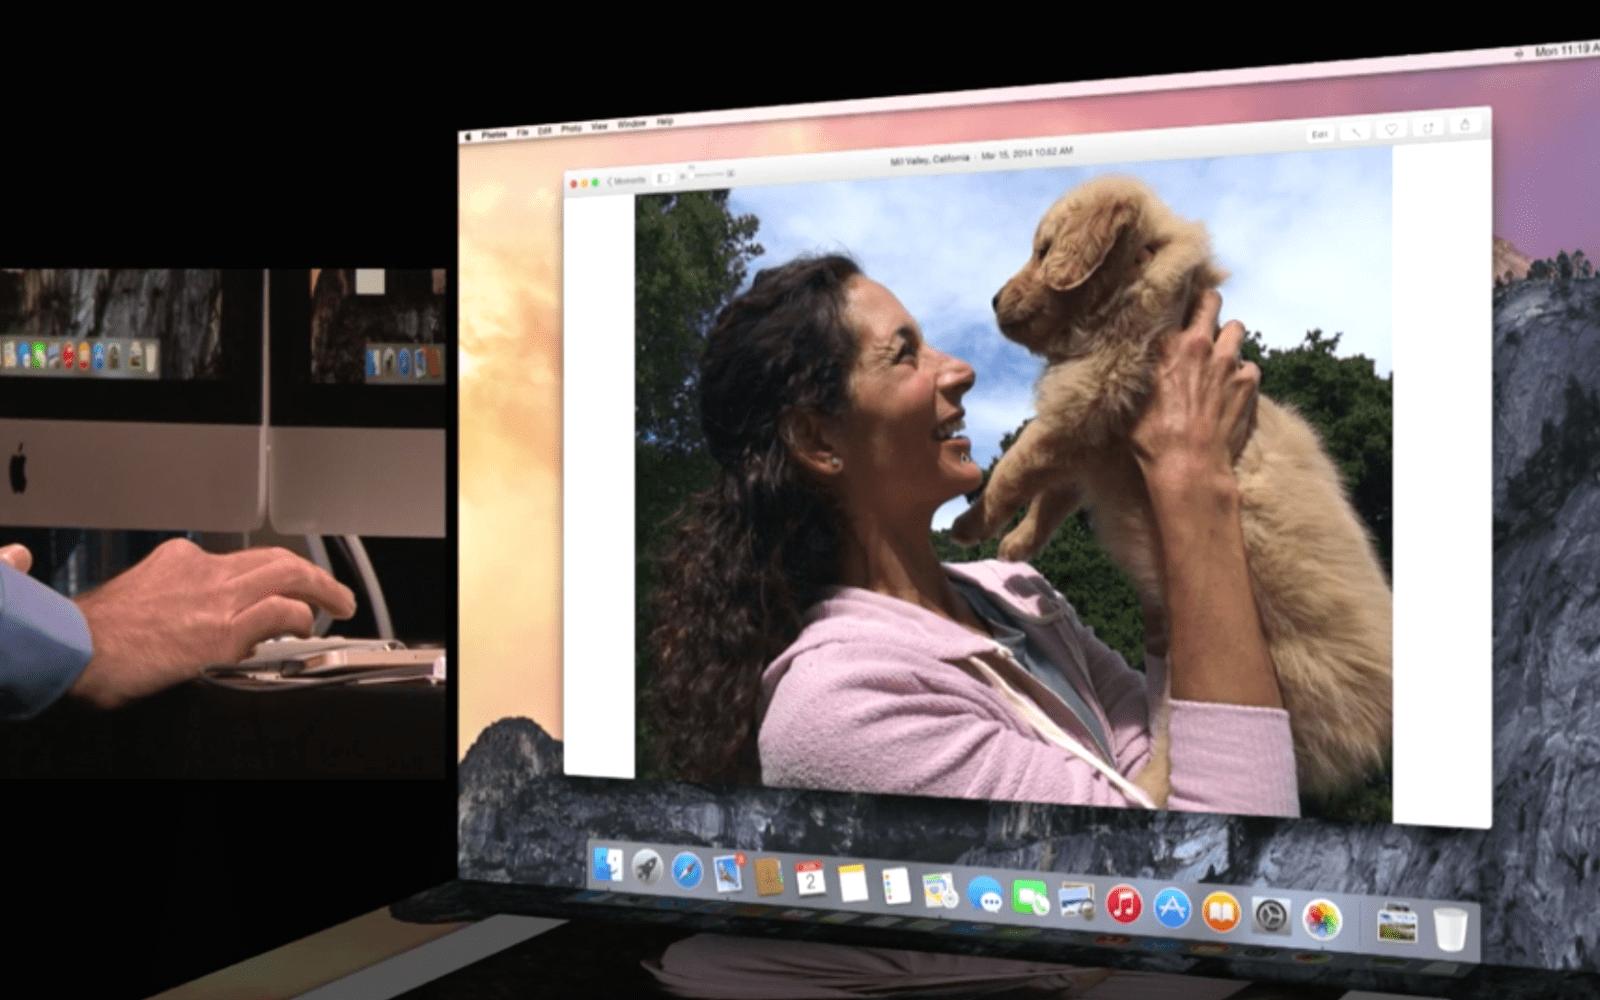 Apple announces new Photos app for Mac